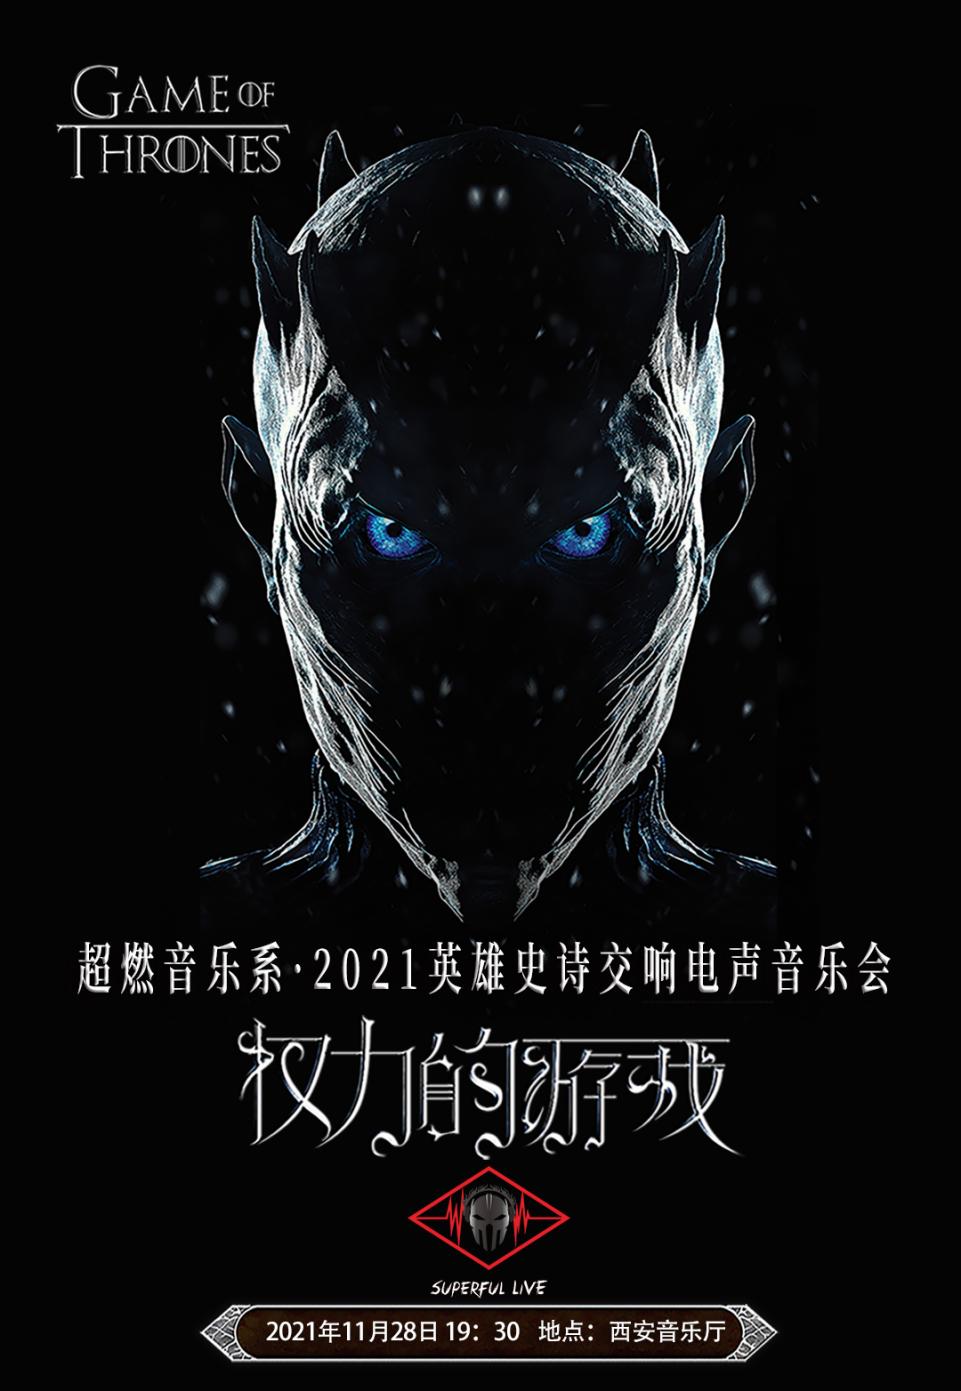 【西安】超燃音乐系-2021英雄史诗交响电声音乐会《权力的游戏》